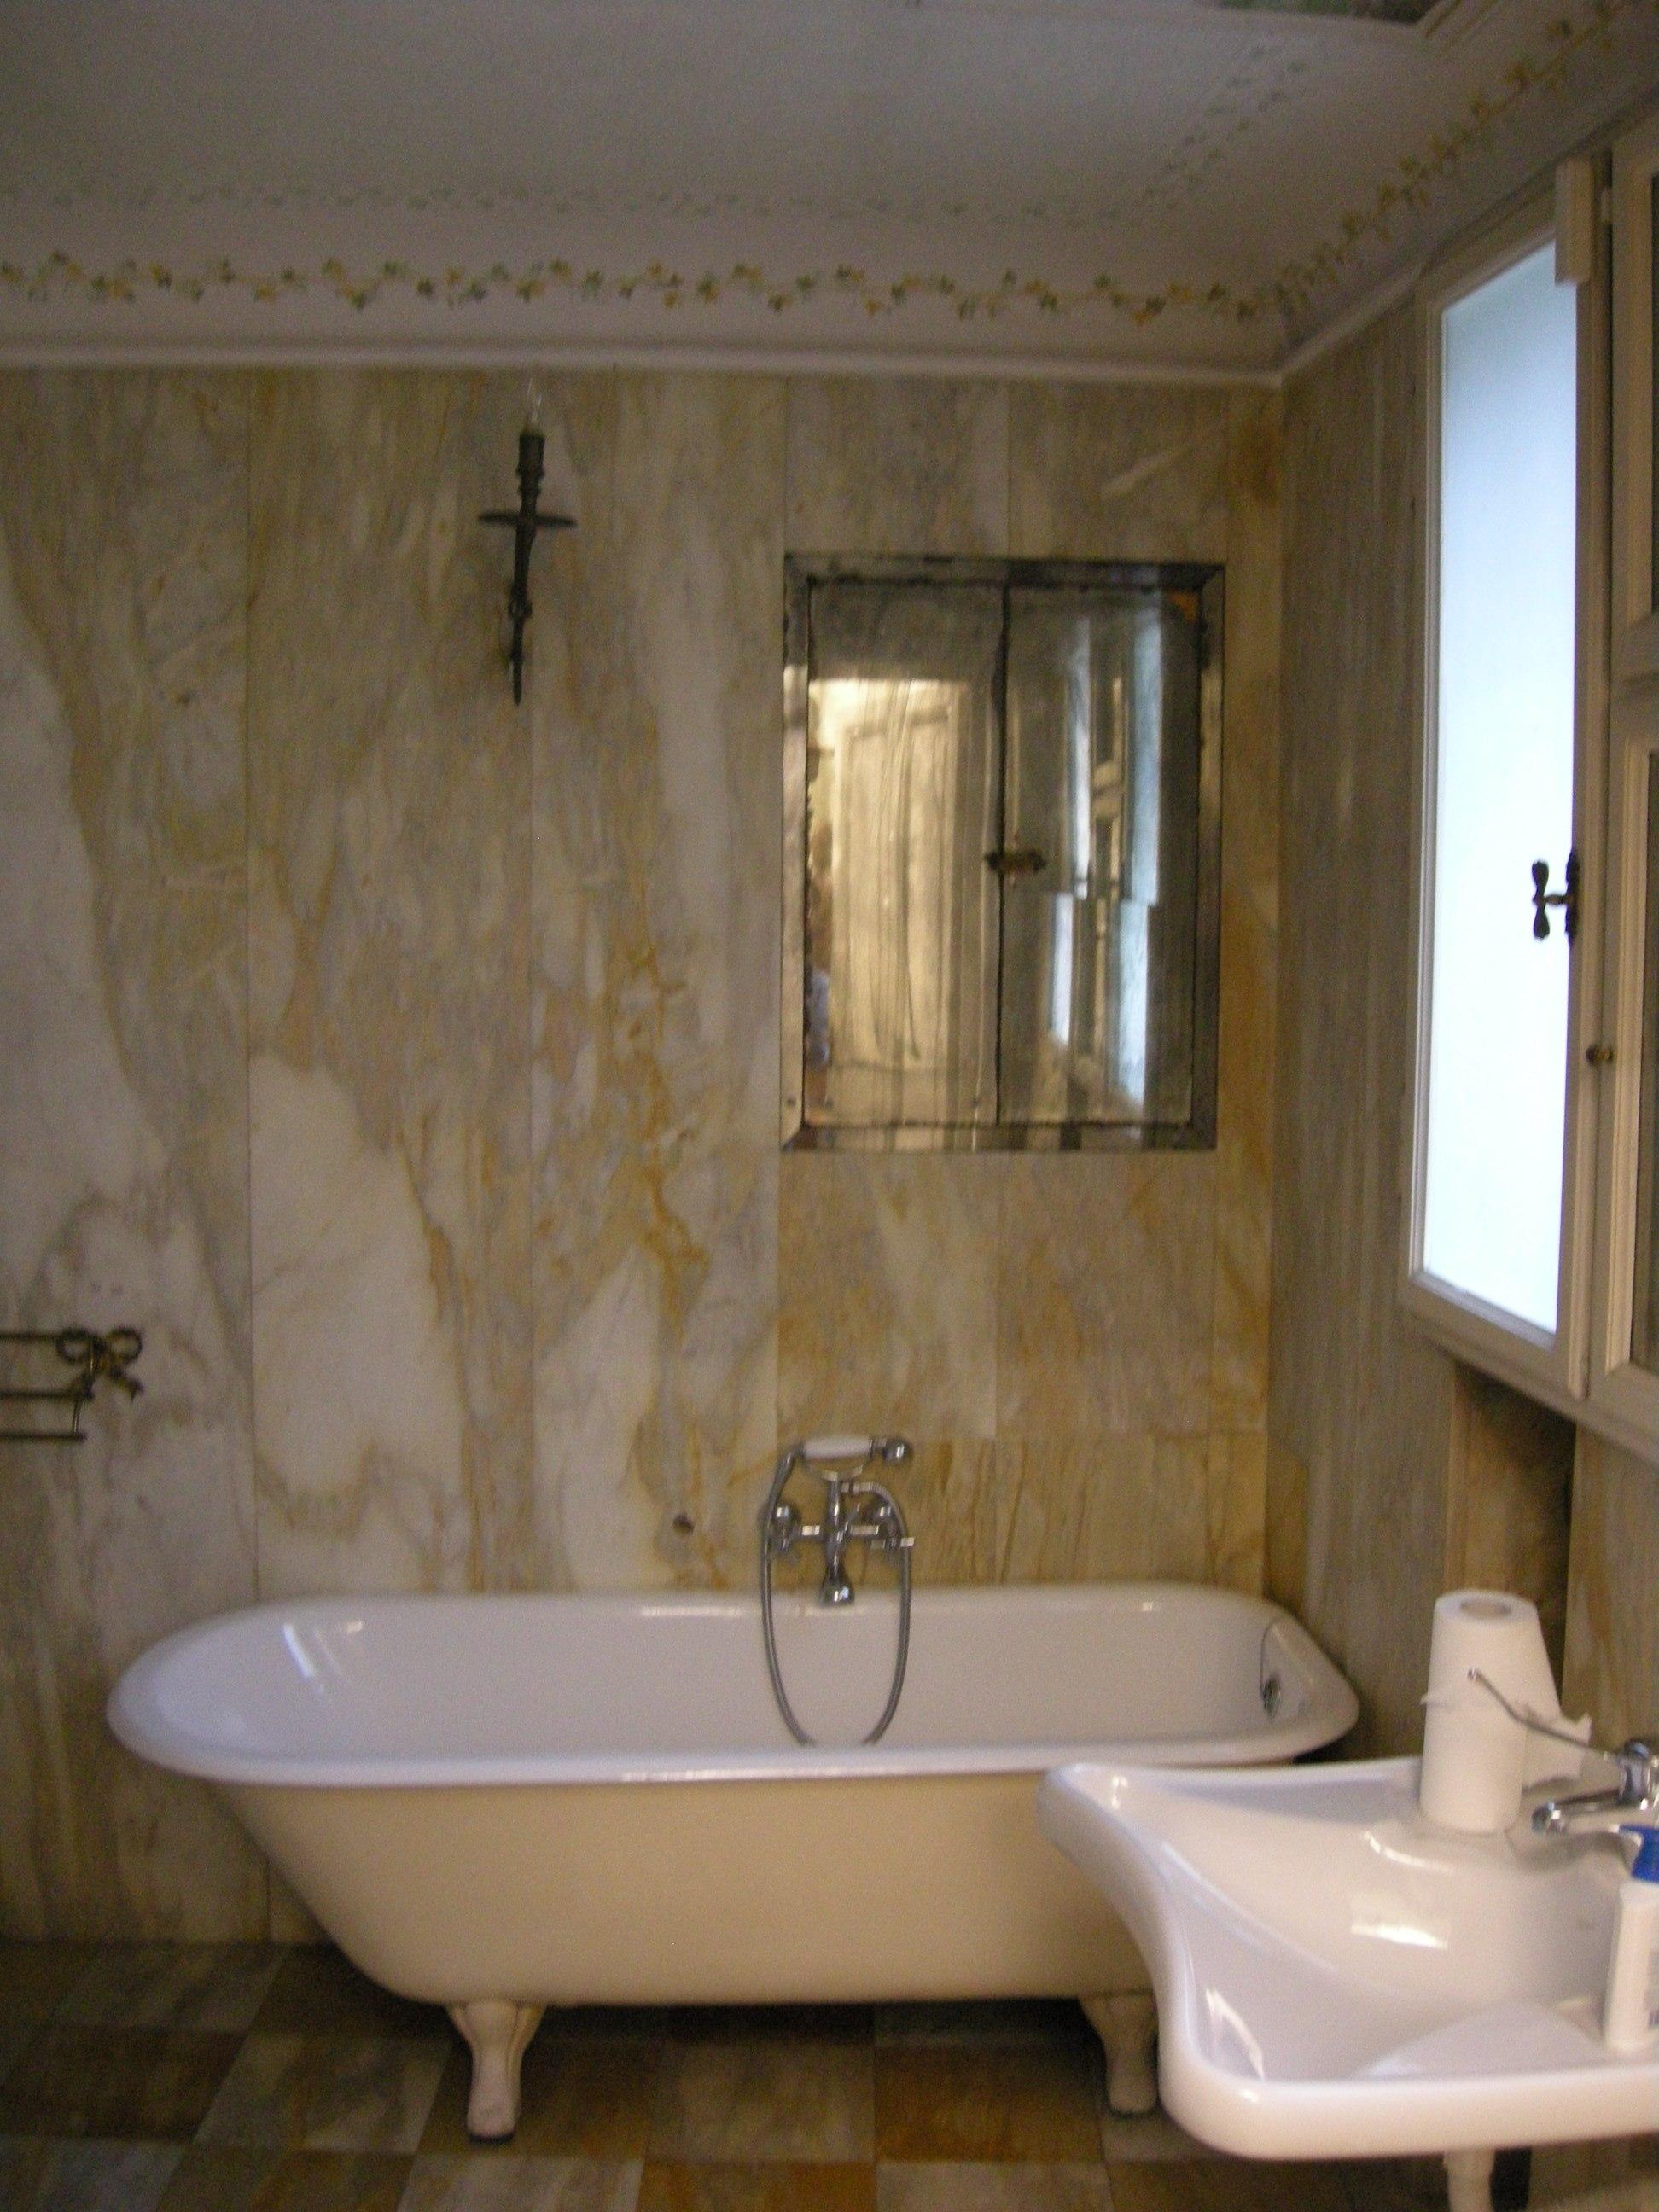 File:Casa siviero, bagno di marmo.JPG - Wikimedia Commons